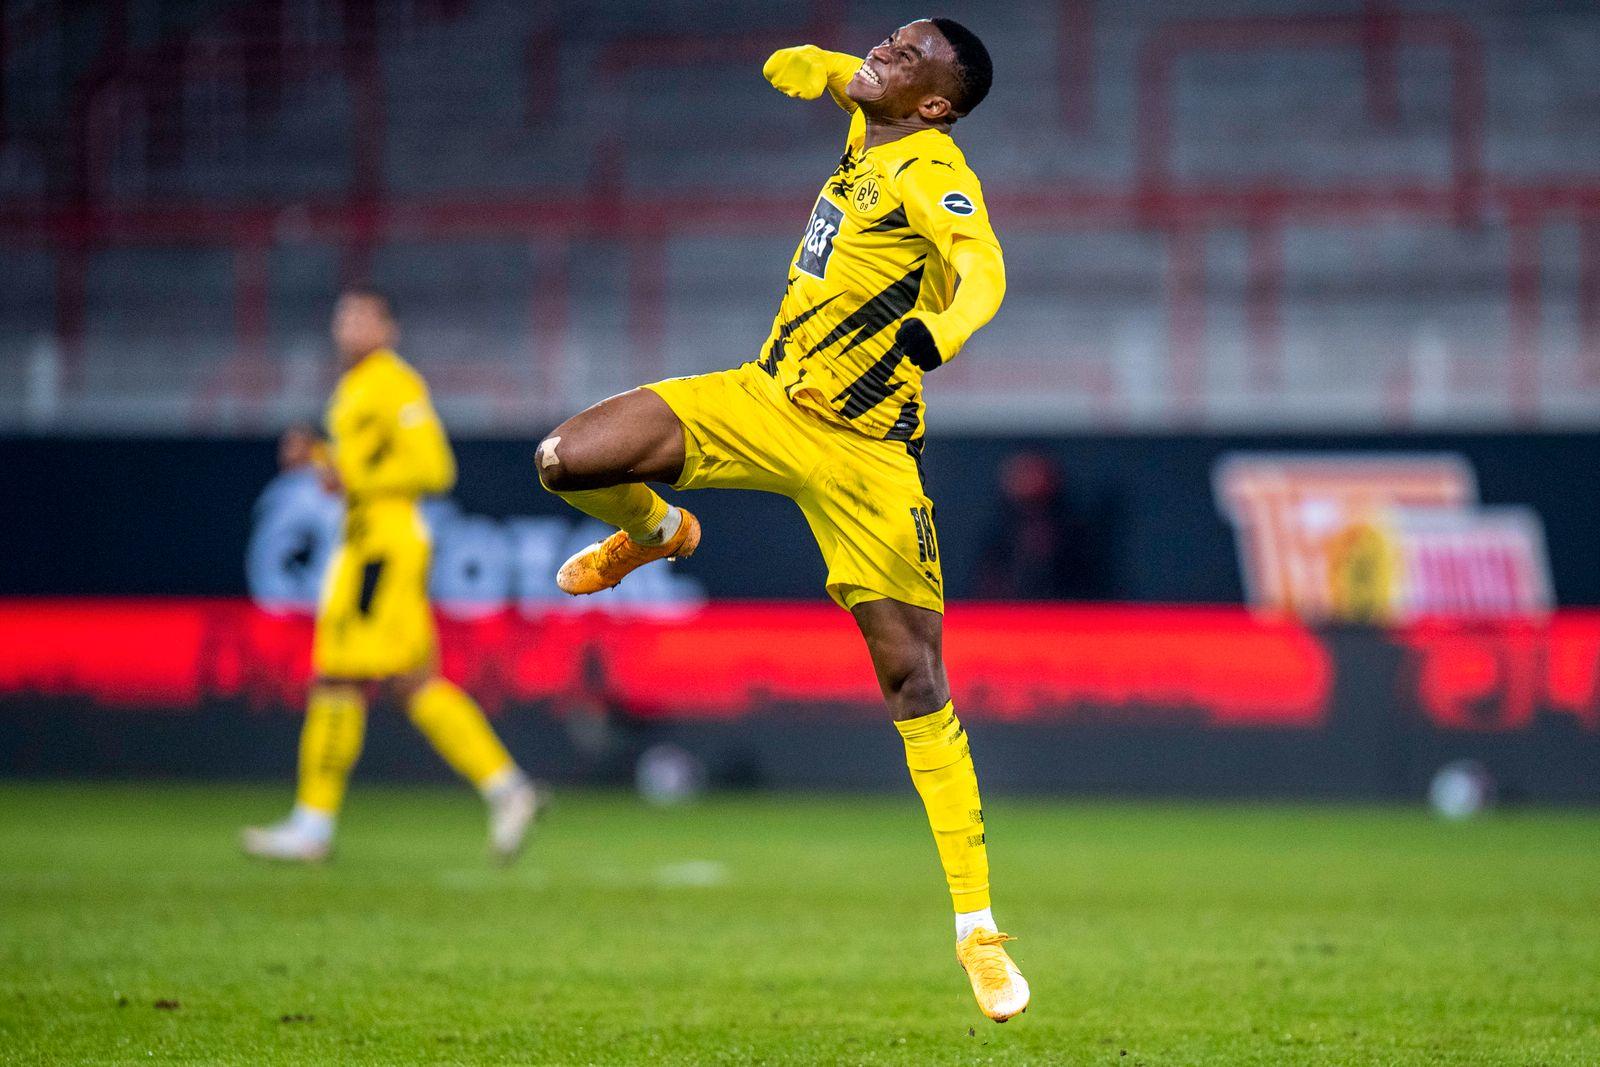 Fußball: 1. Bundesliga, Saison 2020/2021, 13. Spieltag, FC Union Berlin - Borussia Dortmund am 18.11.2020 im Stadion an